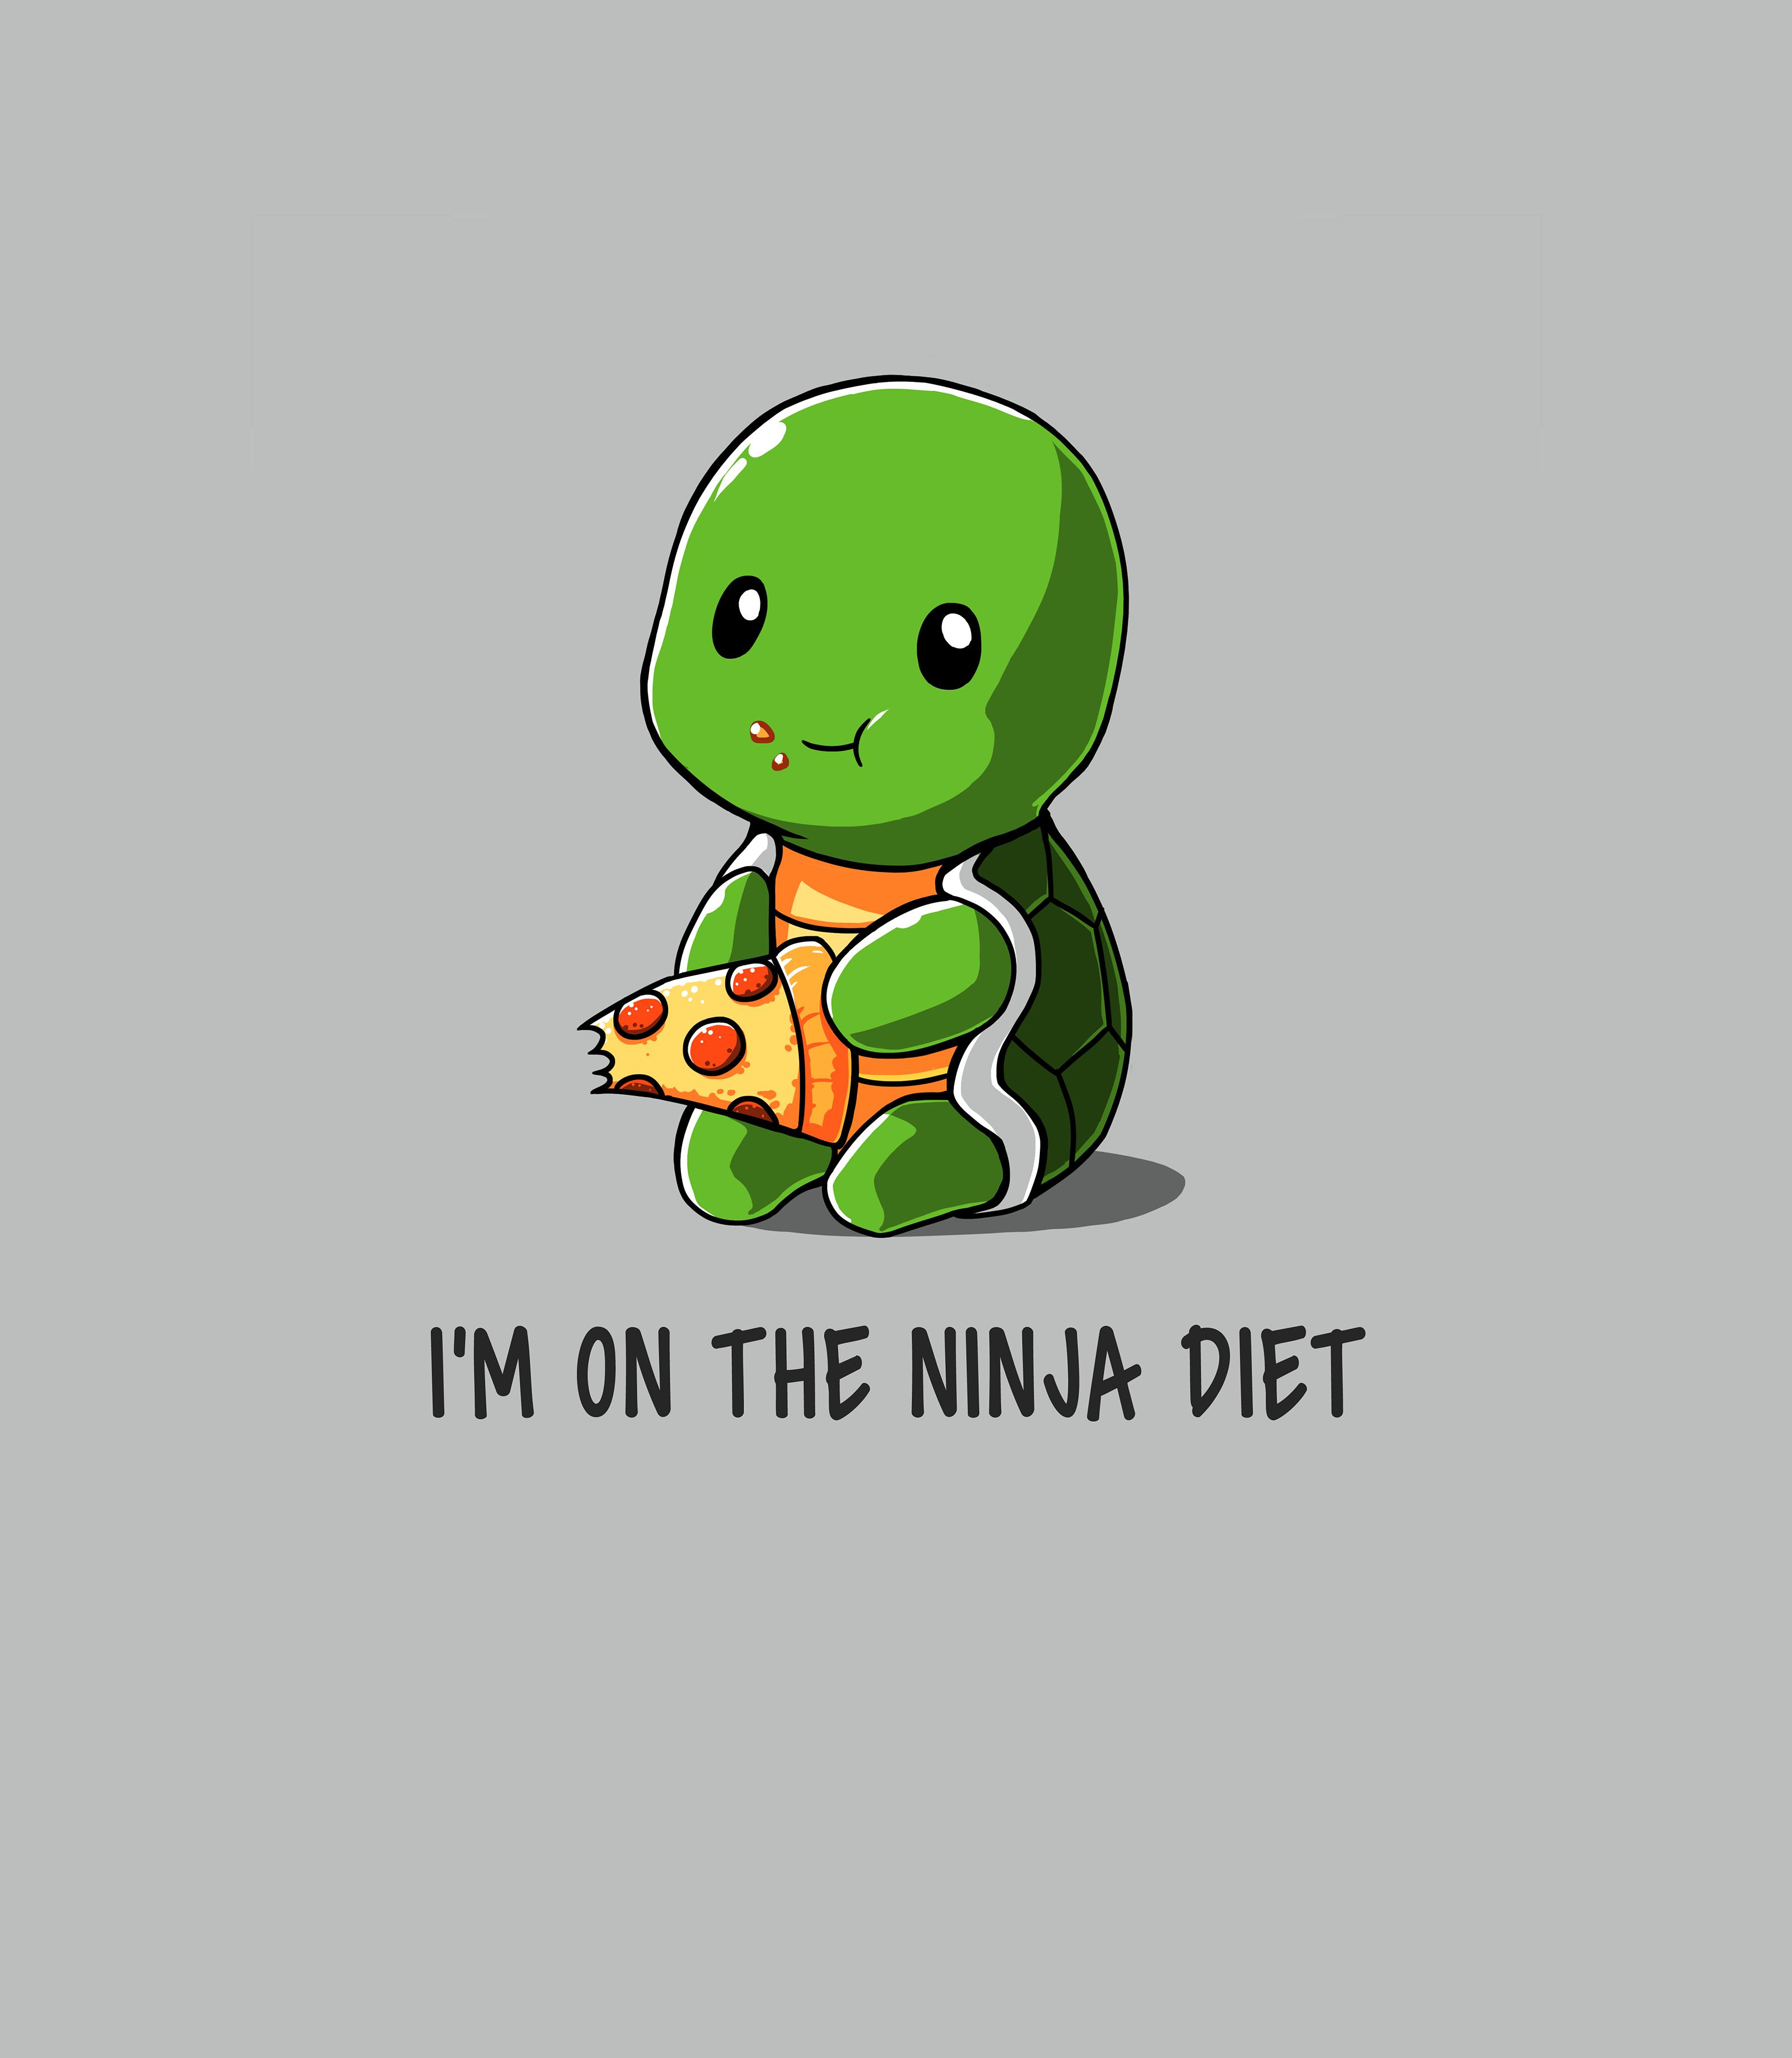 Ninja Diet Funny Cute Nerdy Shirts Cute Animal Drawings Cute Drawings Cute Turtles